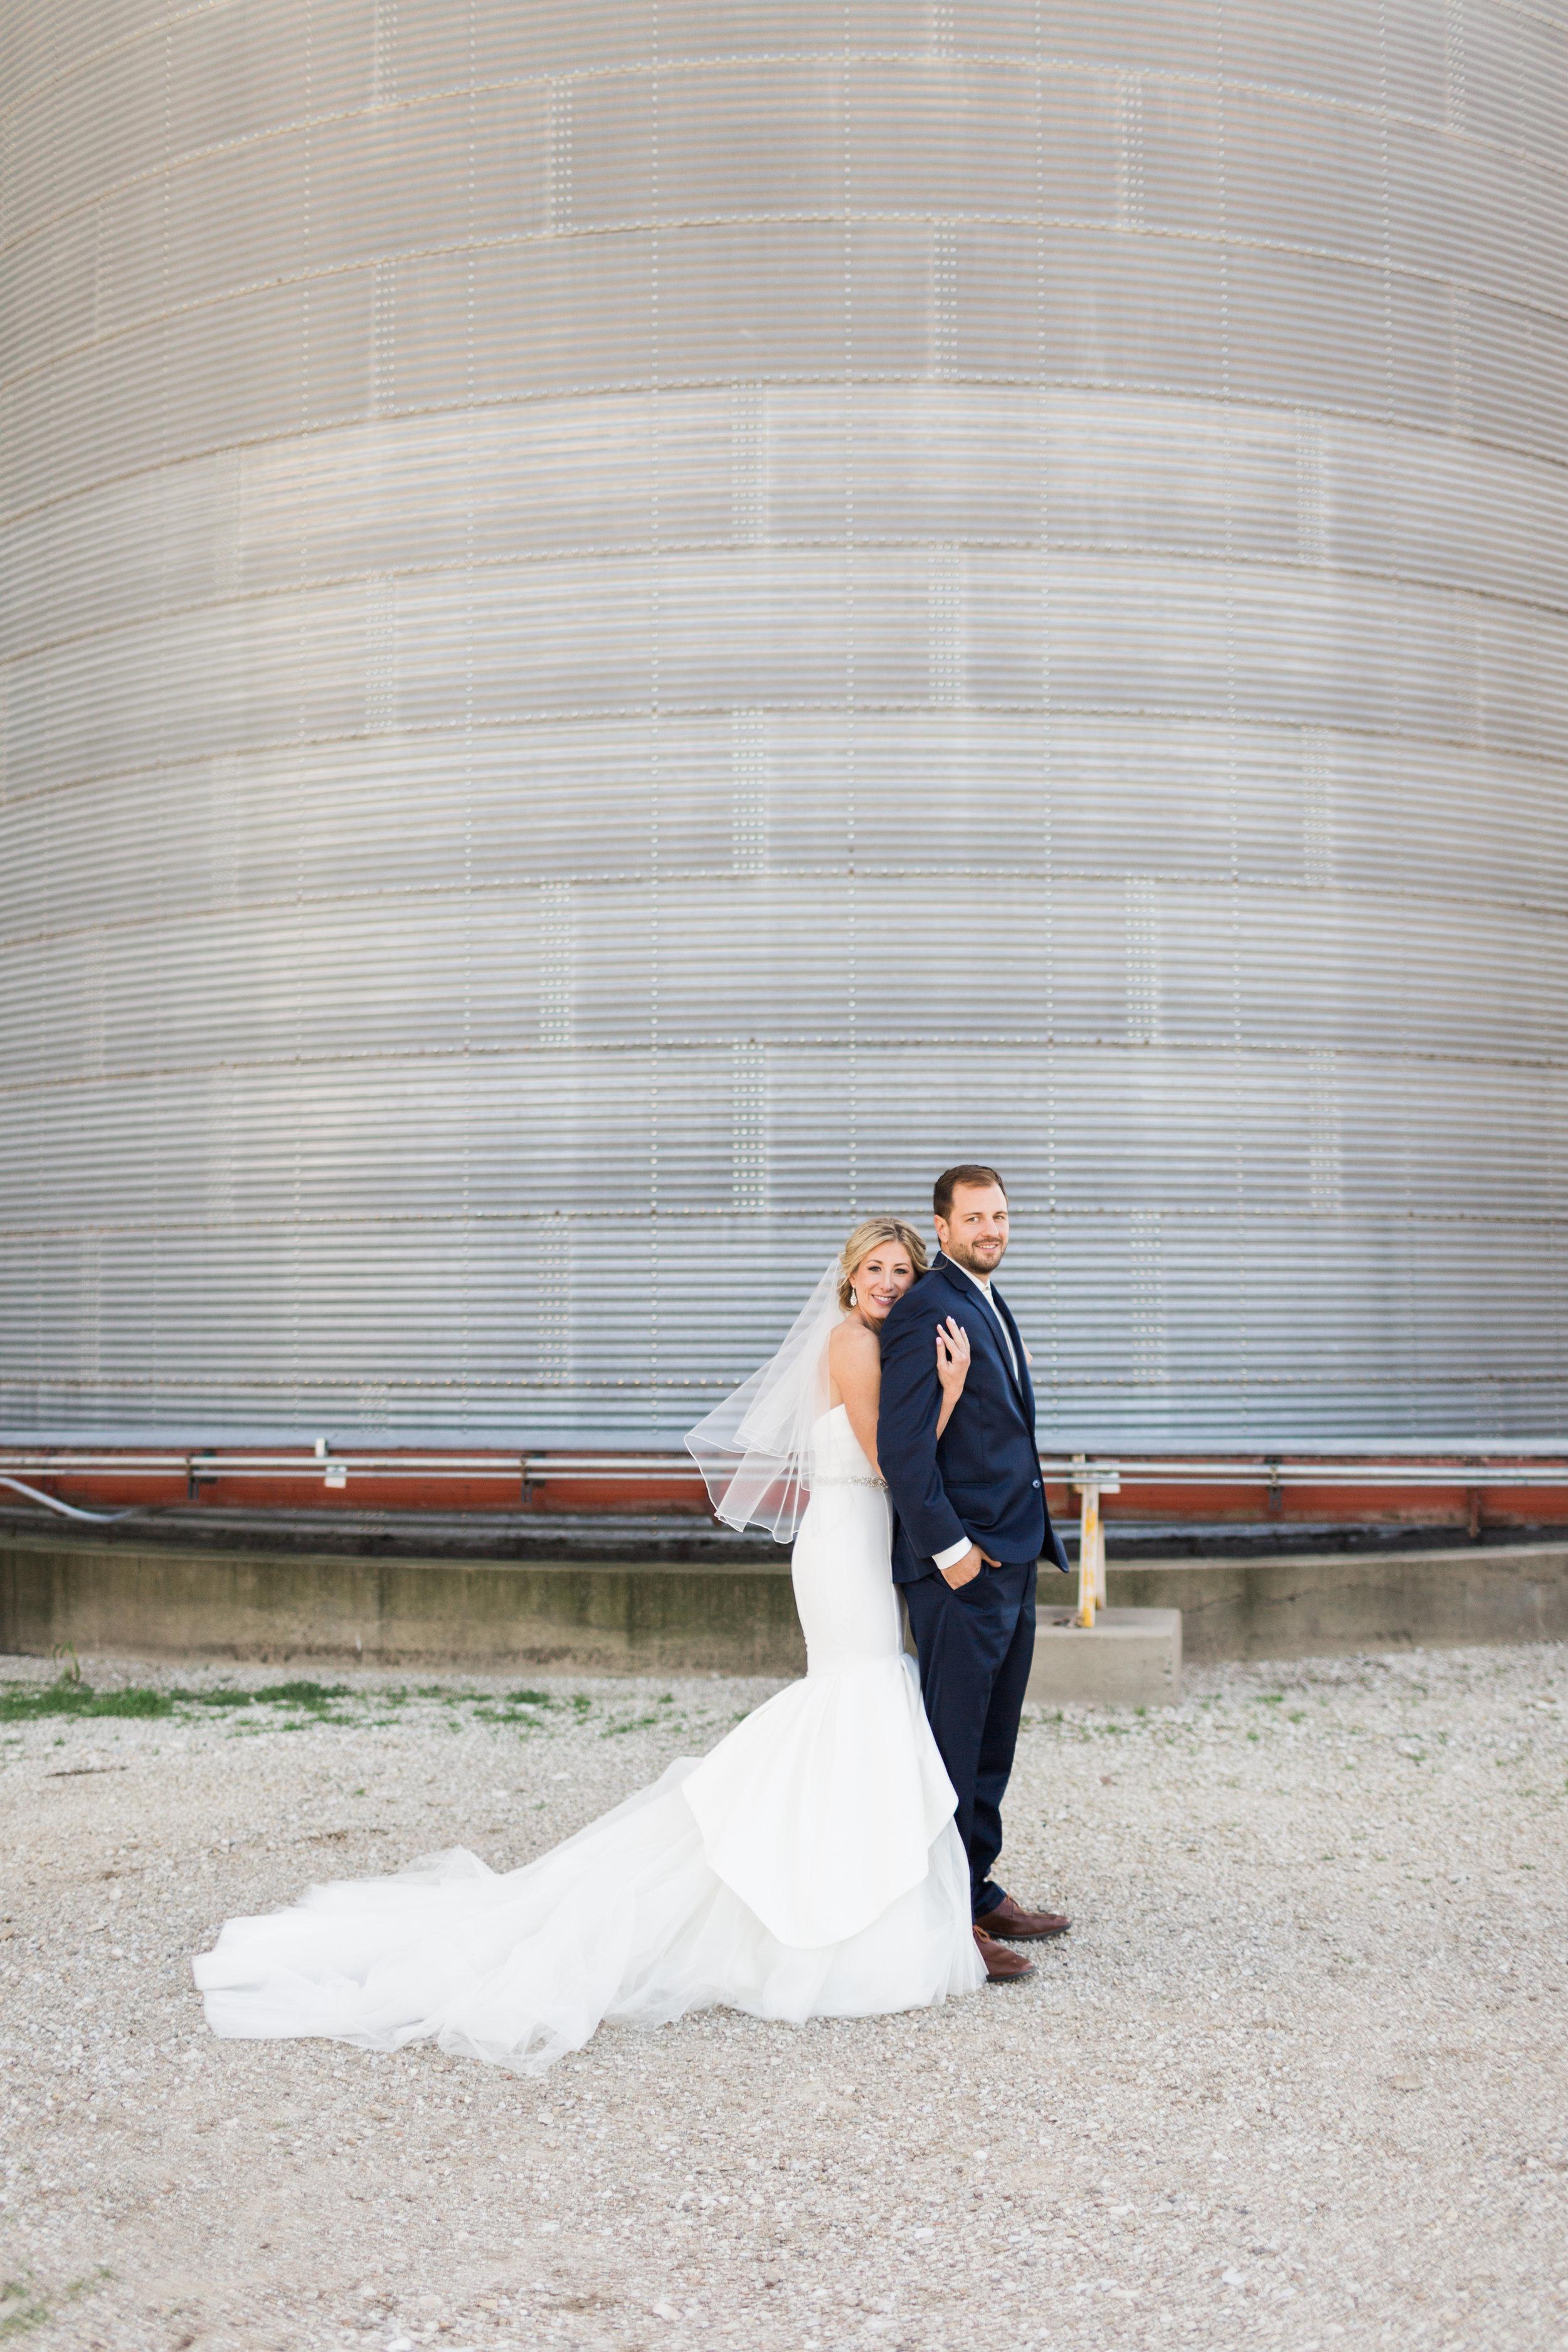 heartfeltcentraliowawedding-71.jpg